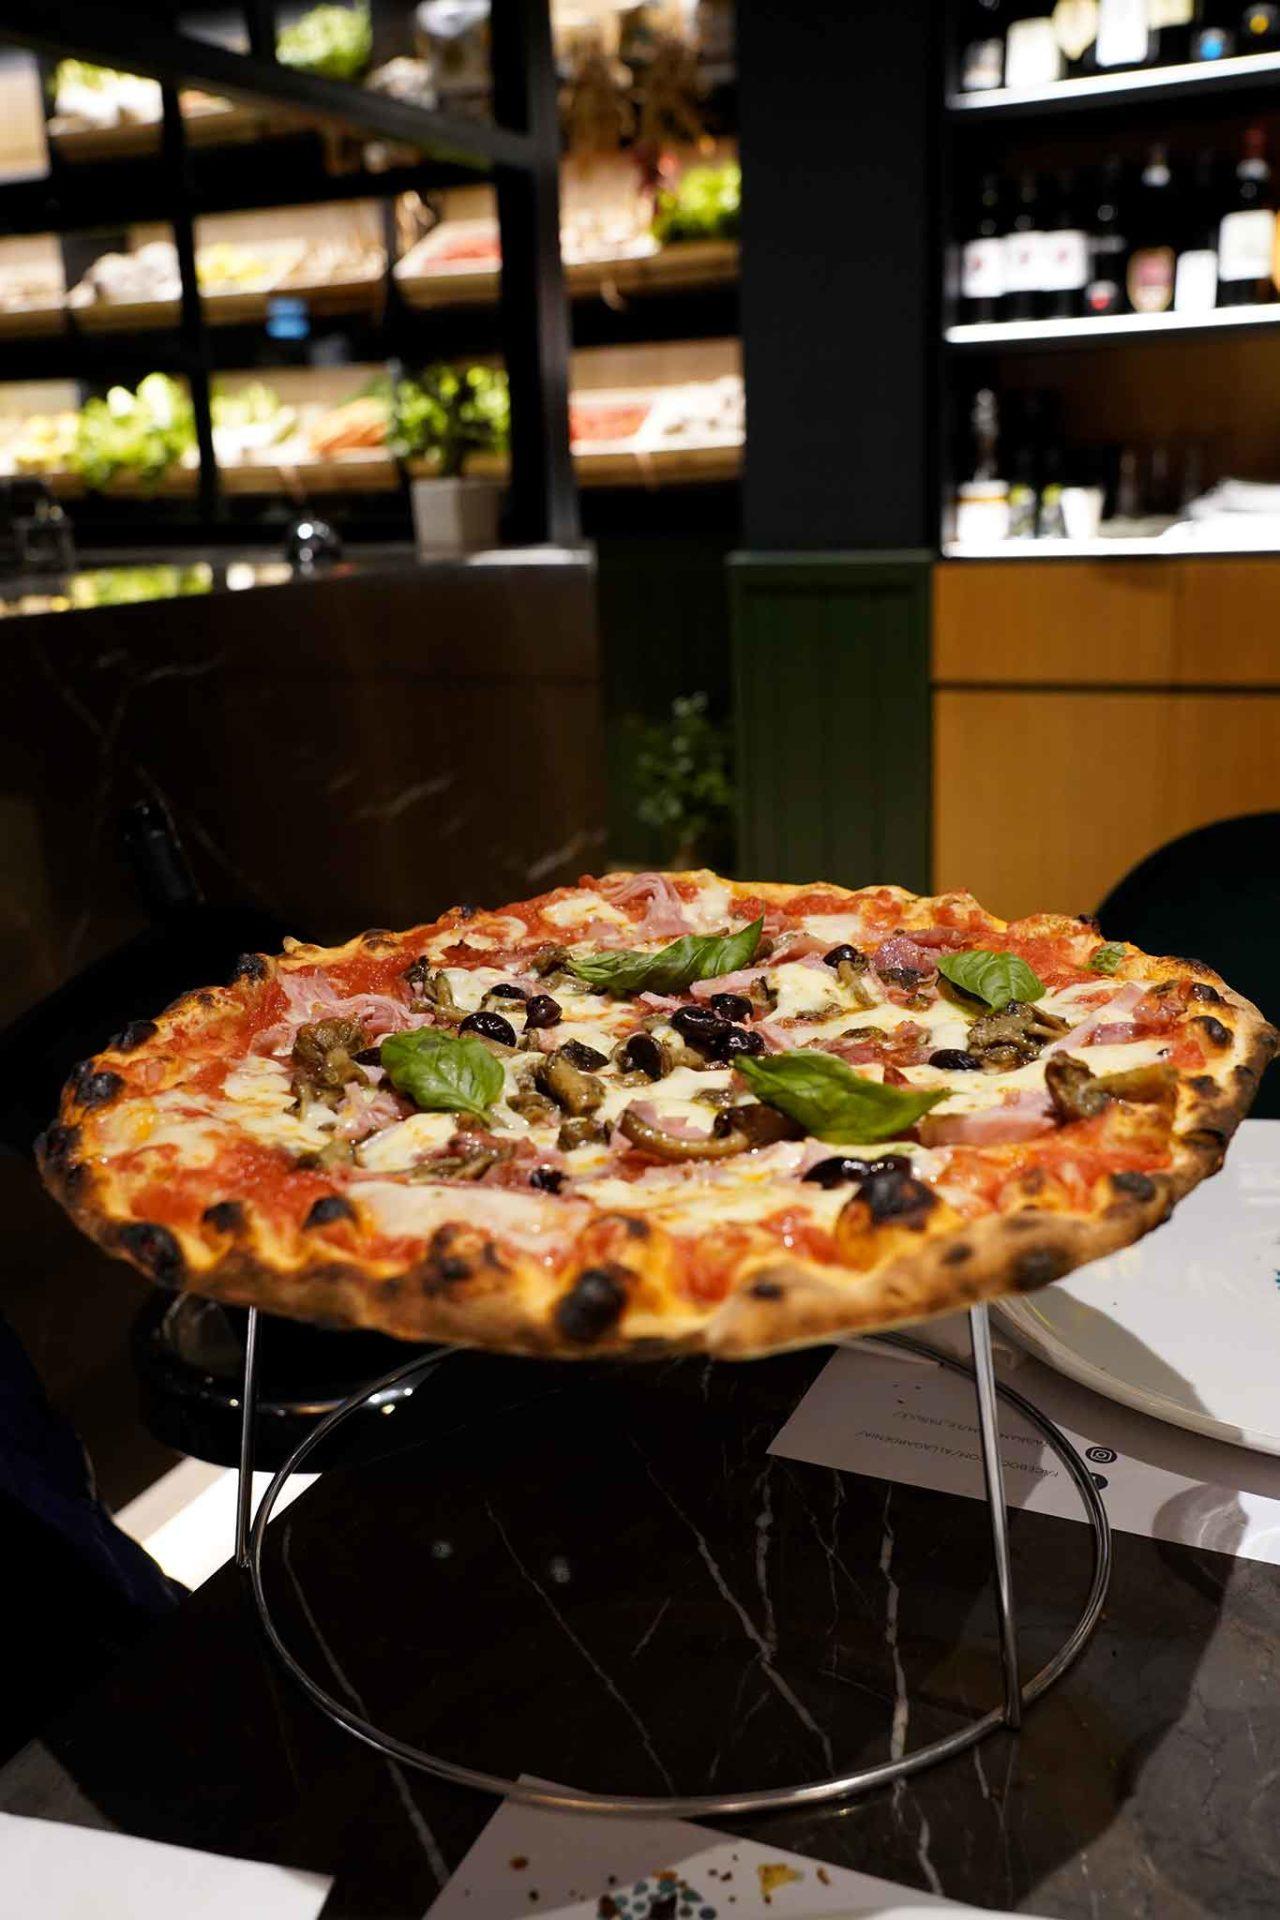 pizza di Giuseppe Pignalosa alla pizzeria Le Parùle di Ercolano